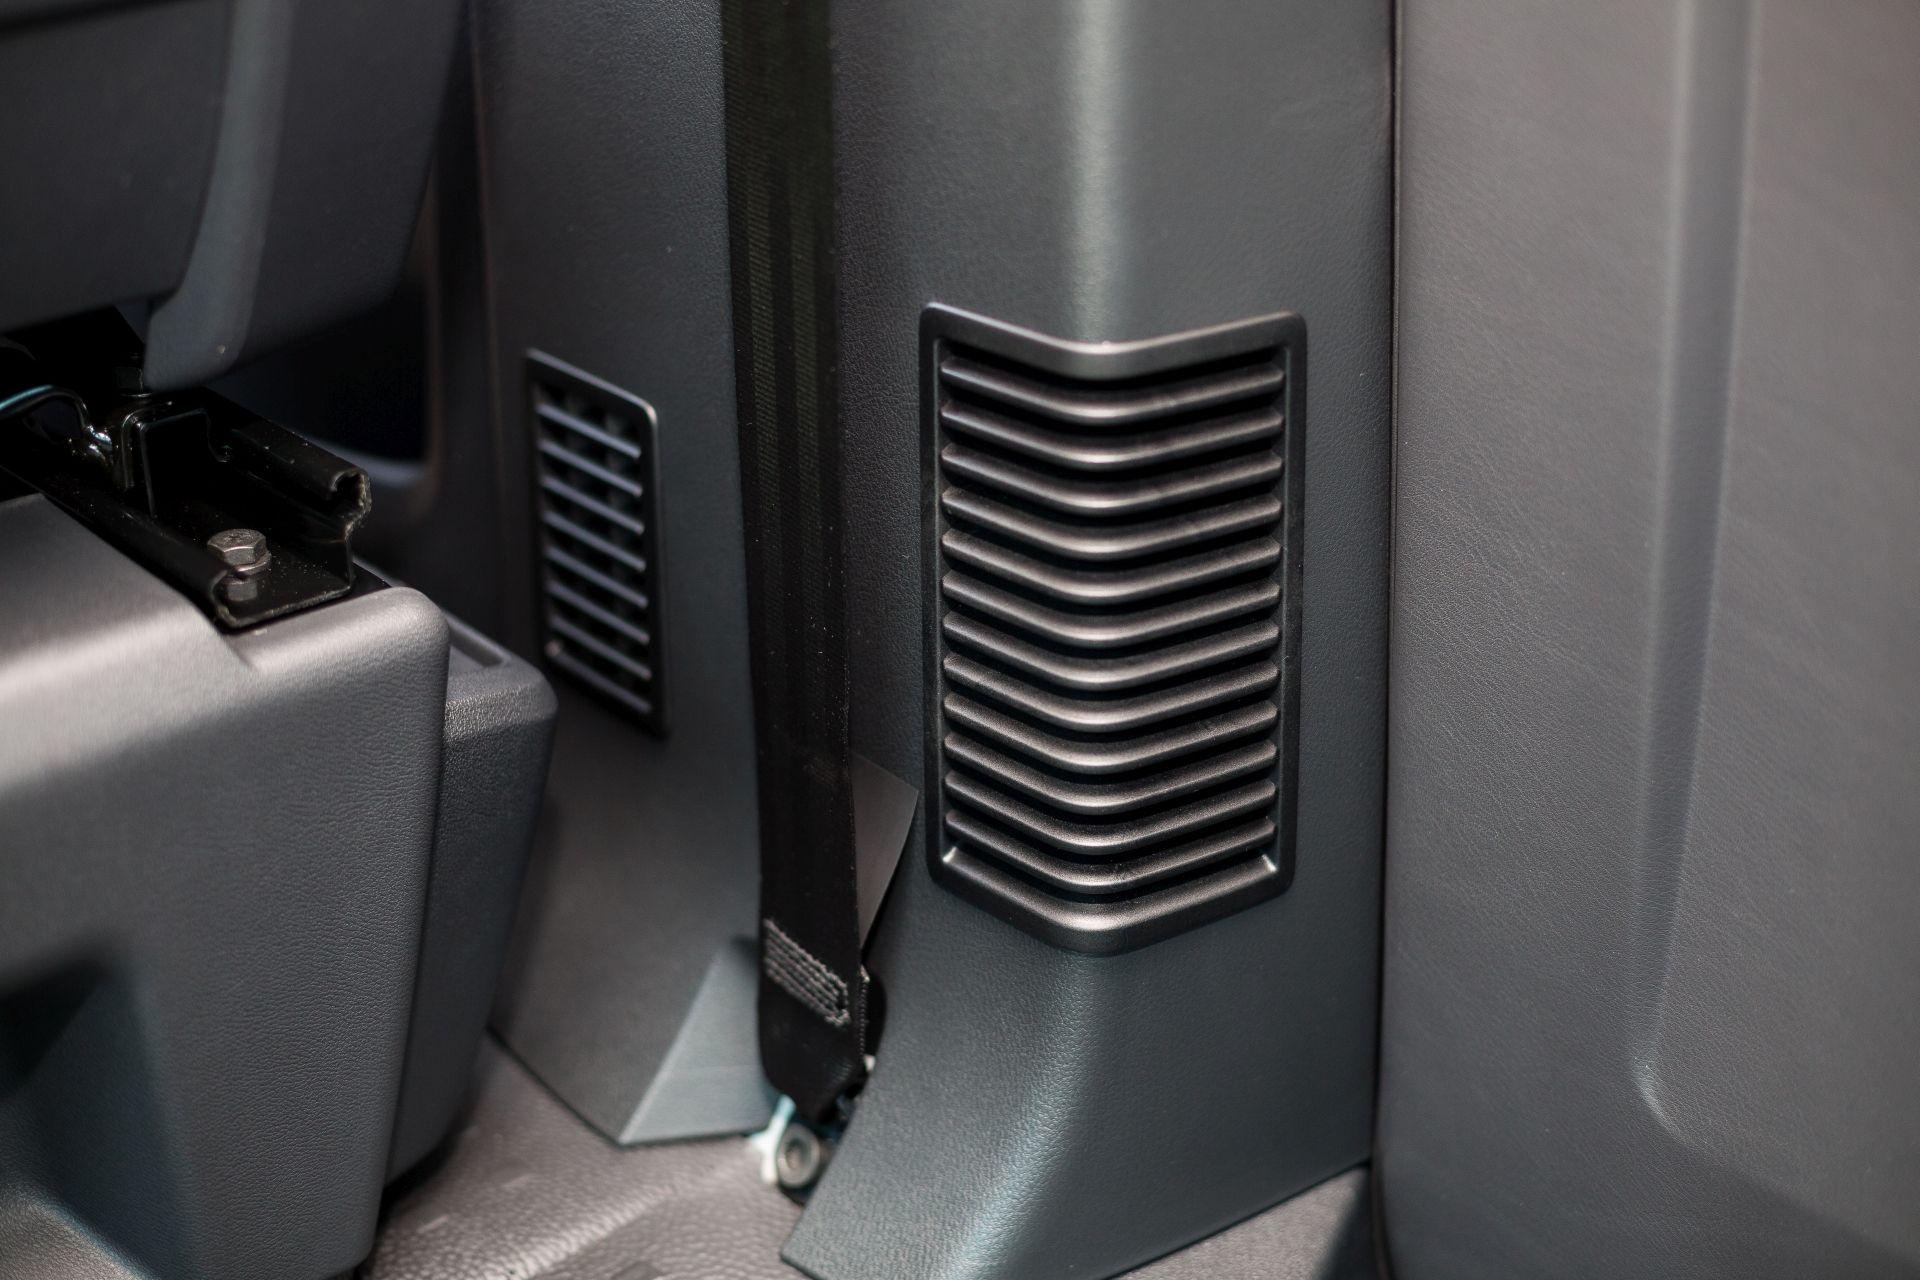 Heizung und Klimaanlage